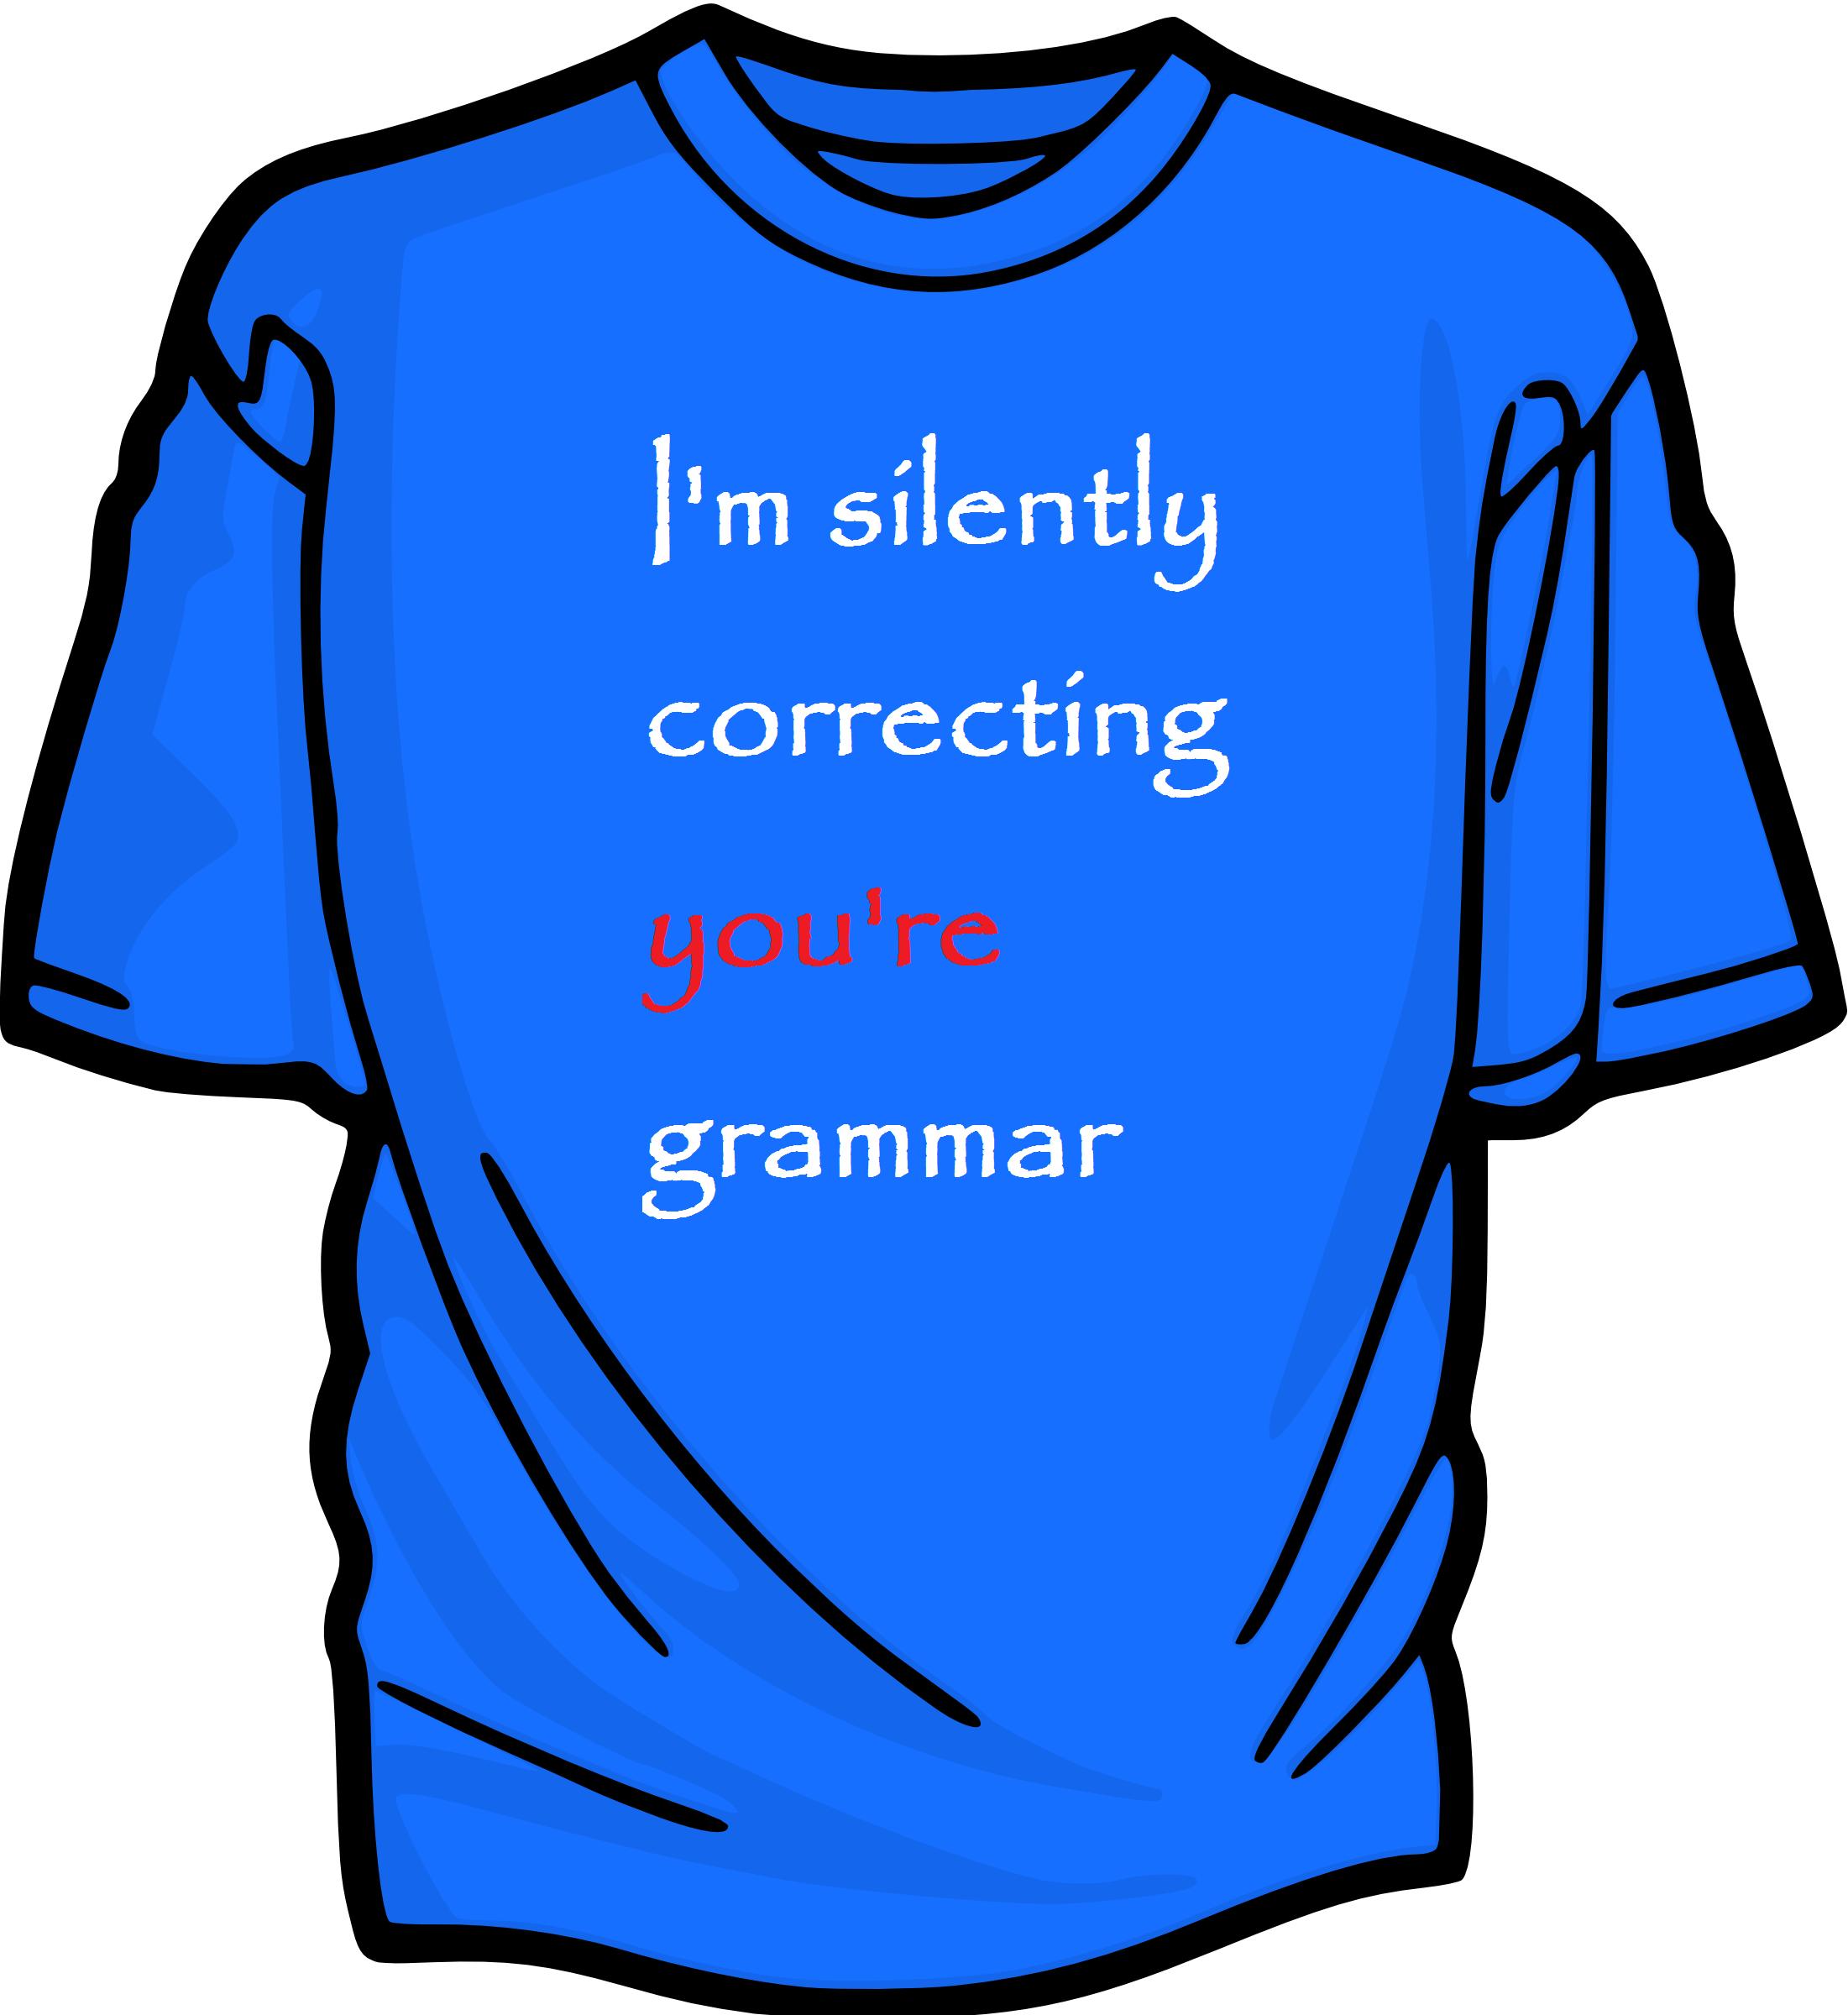 Your shirt